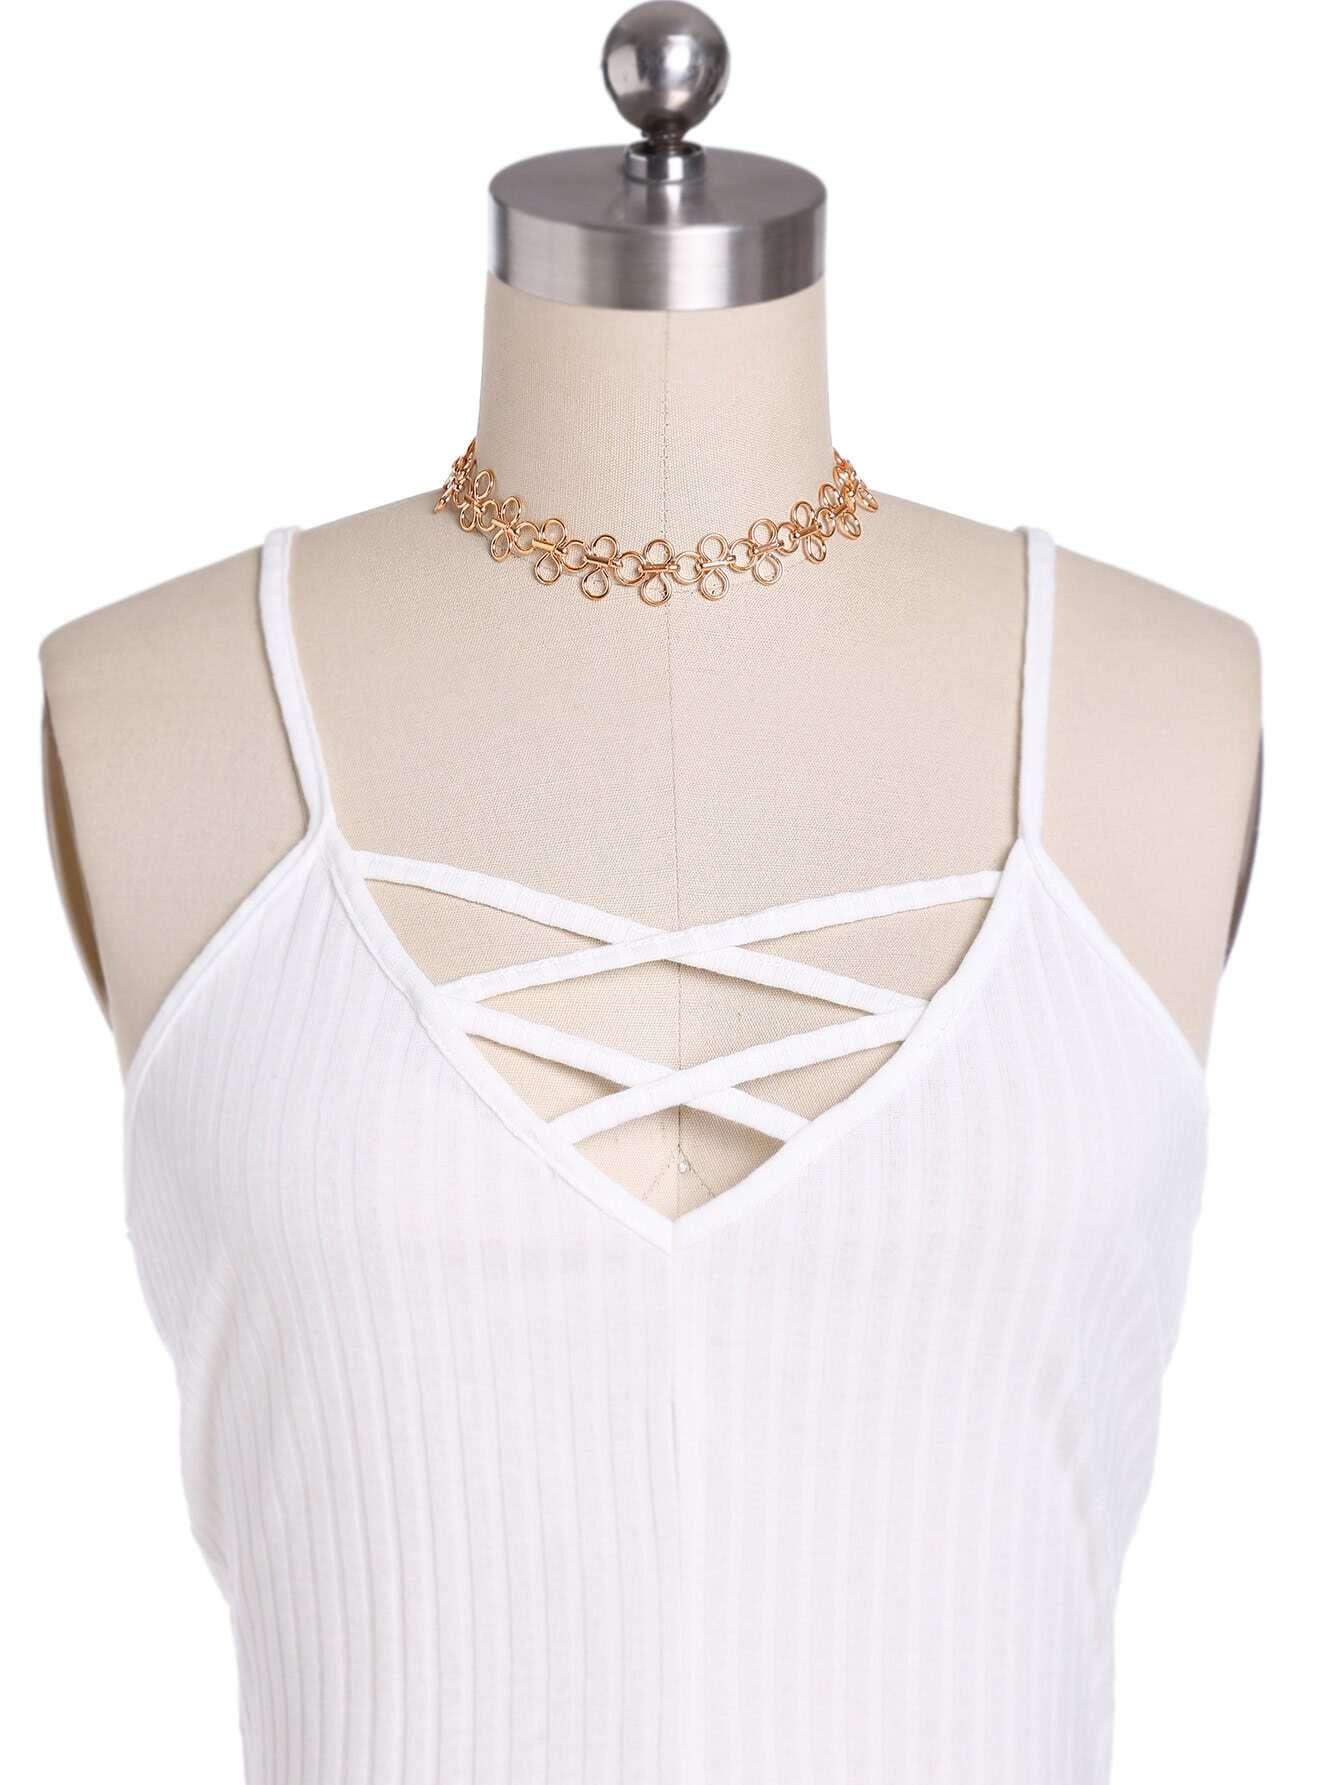 Фото Hollow Flower Design Choker Necklace. Купить с доставкой